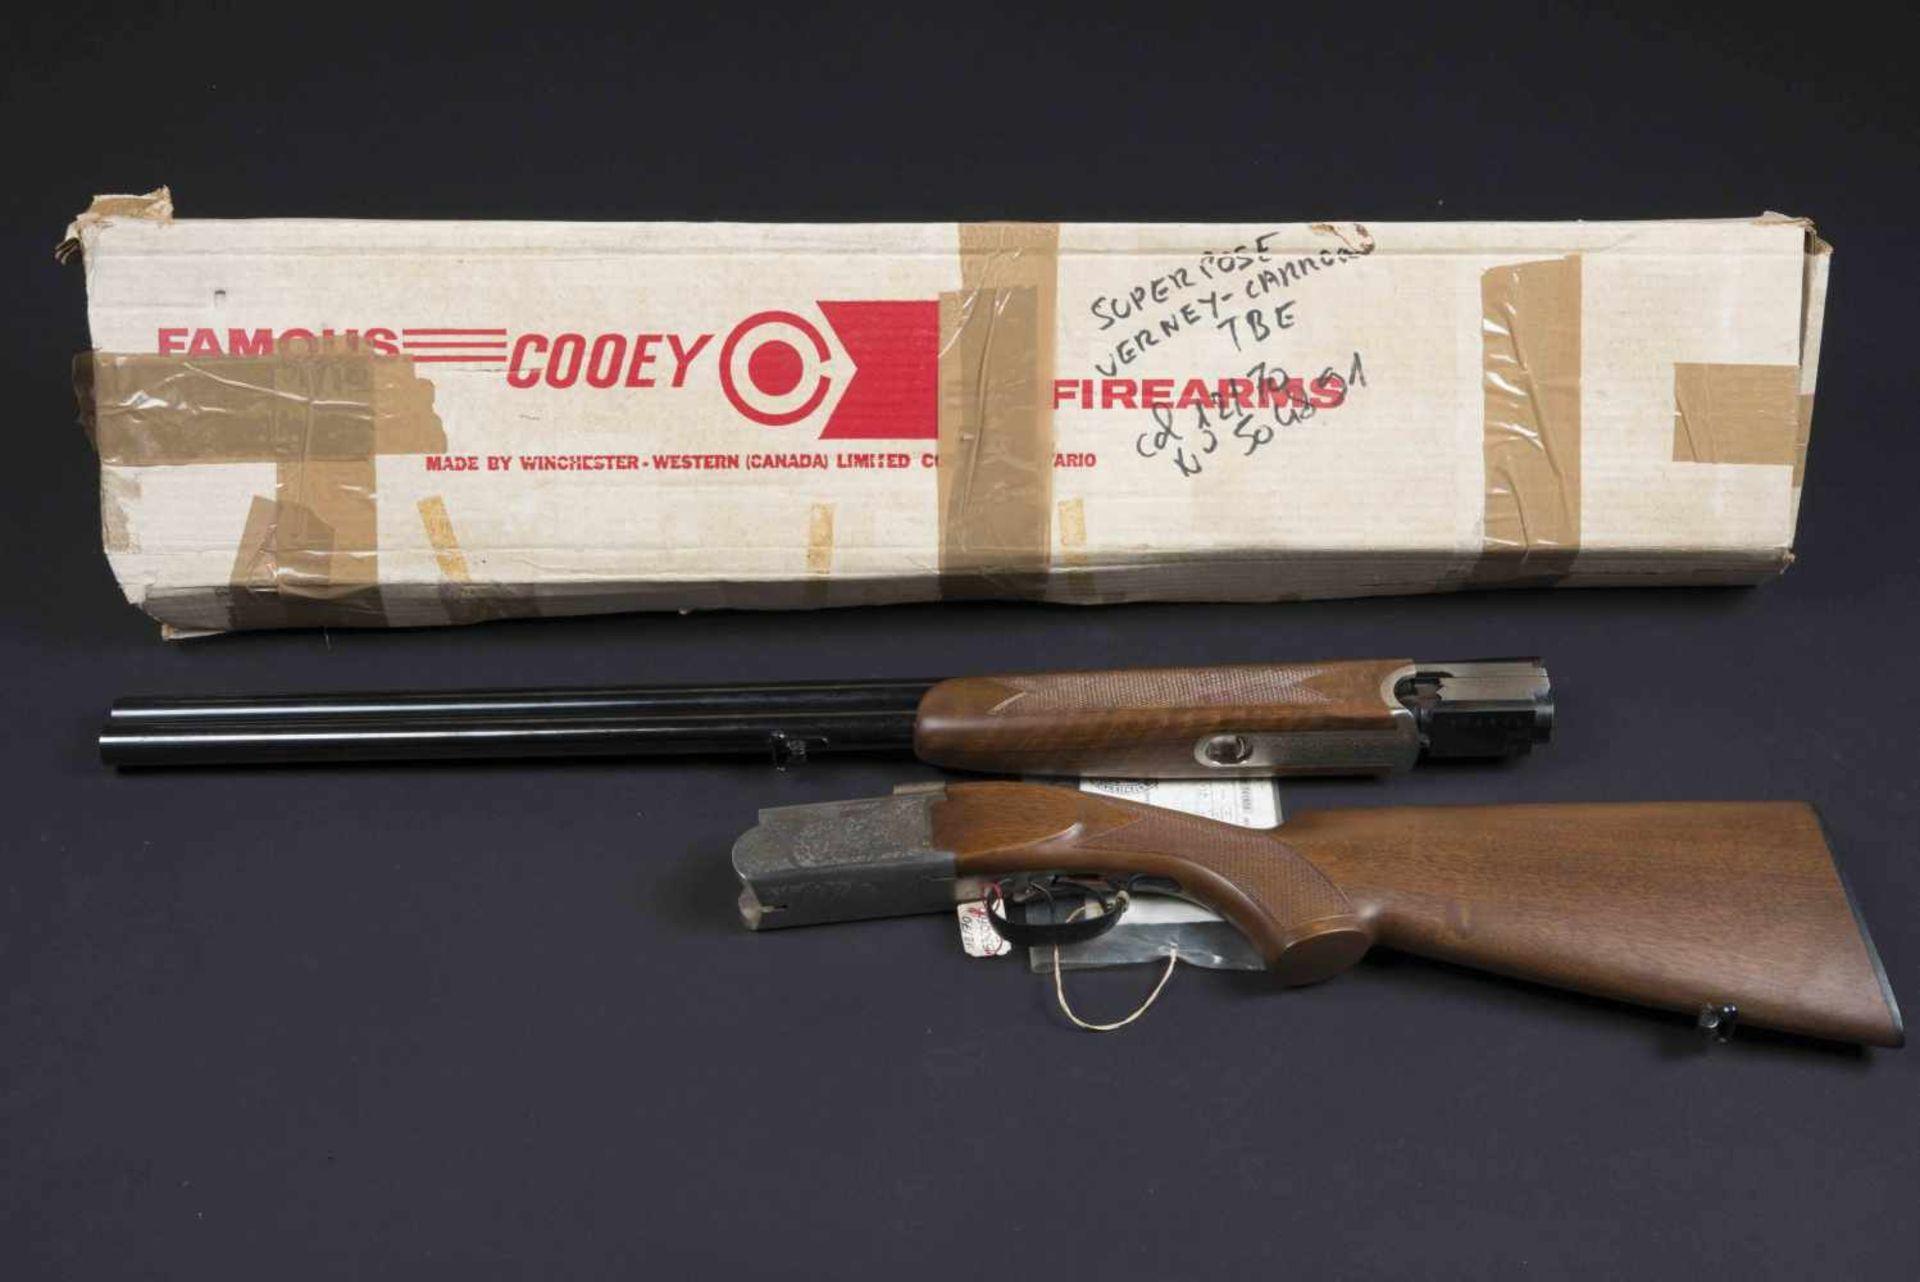 Fusil superposé Verney Carron Catégorie C Calibre 12/70, numéro 504891. Certificat du Banc d'Epreuve